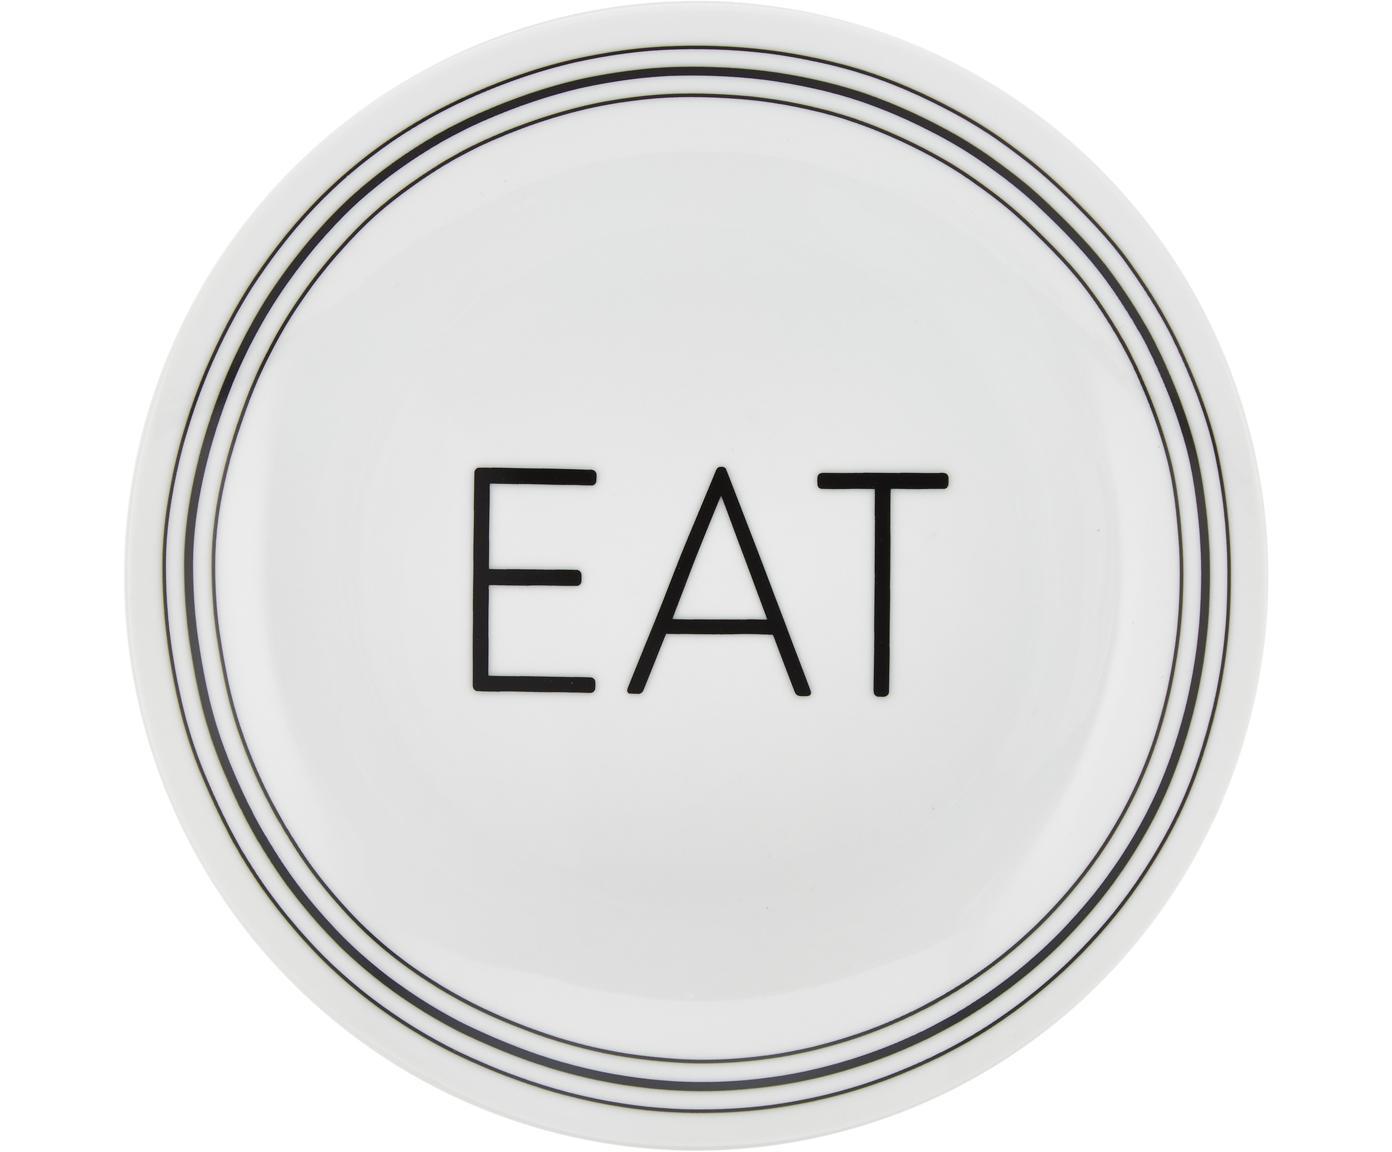 Porzellan Frühstücksteller Glimmer mit schwarzer Aufschrift, 4er-Set, Porzellan, Weiß, Schwarz, Ø 21 cm